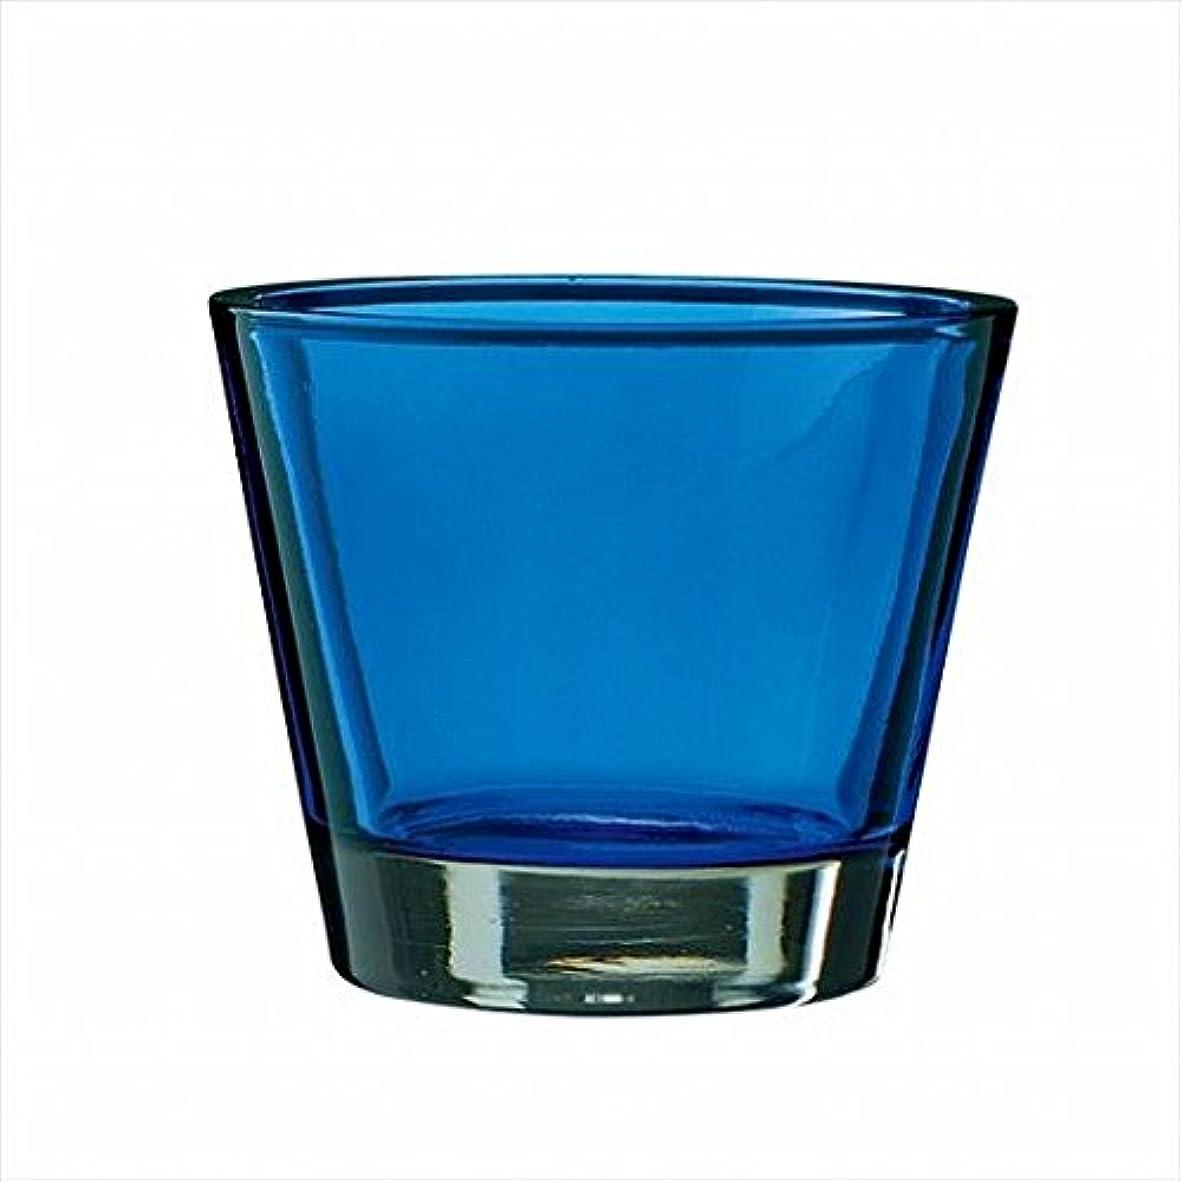 議論する愛情深いブリッジkameyama candle(カメヤマキャンドル) カラリス 「 ブルー 」 キャンドル 82x82x70mm (J2540000B)